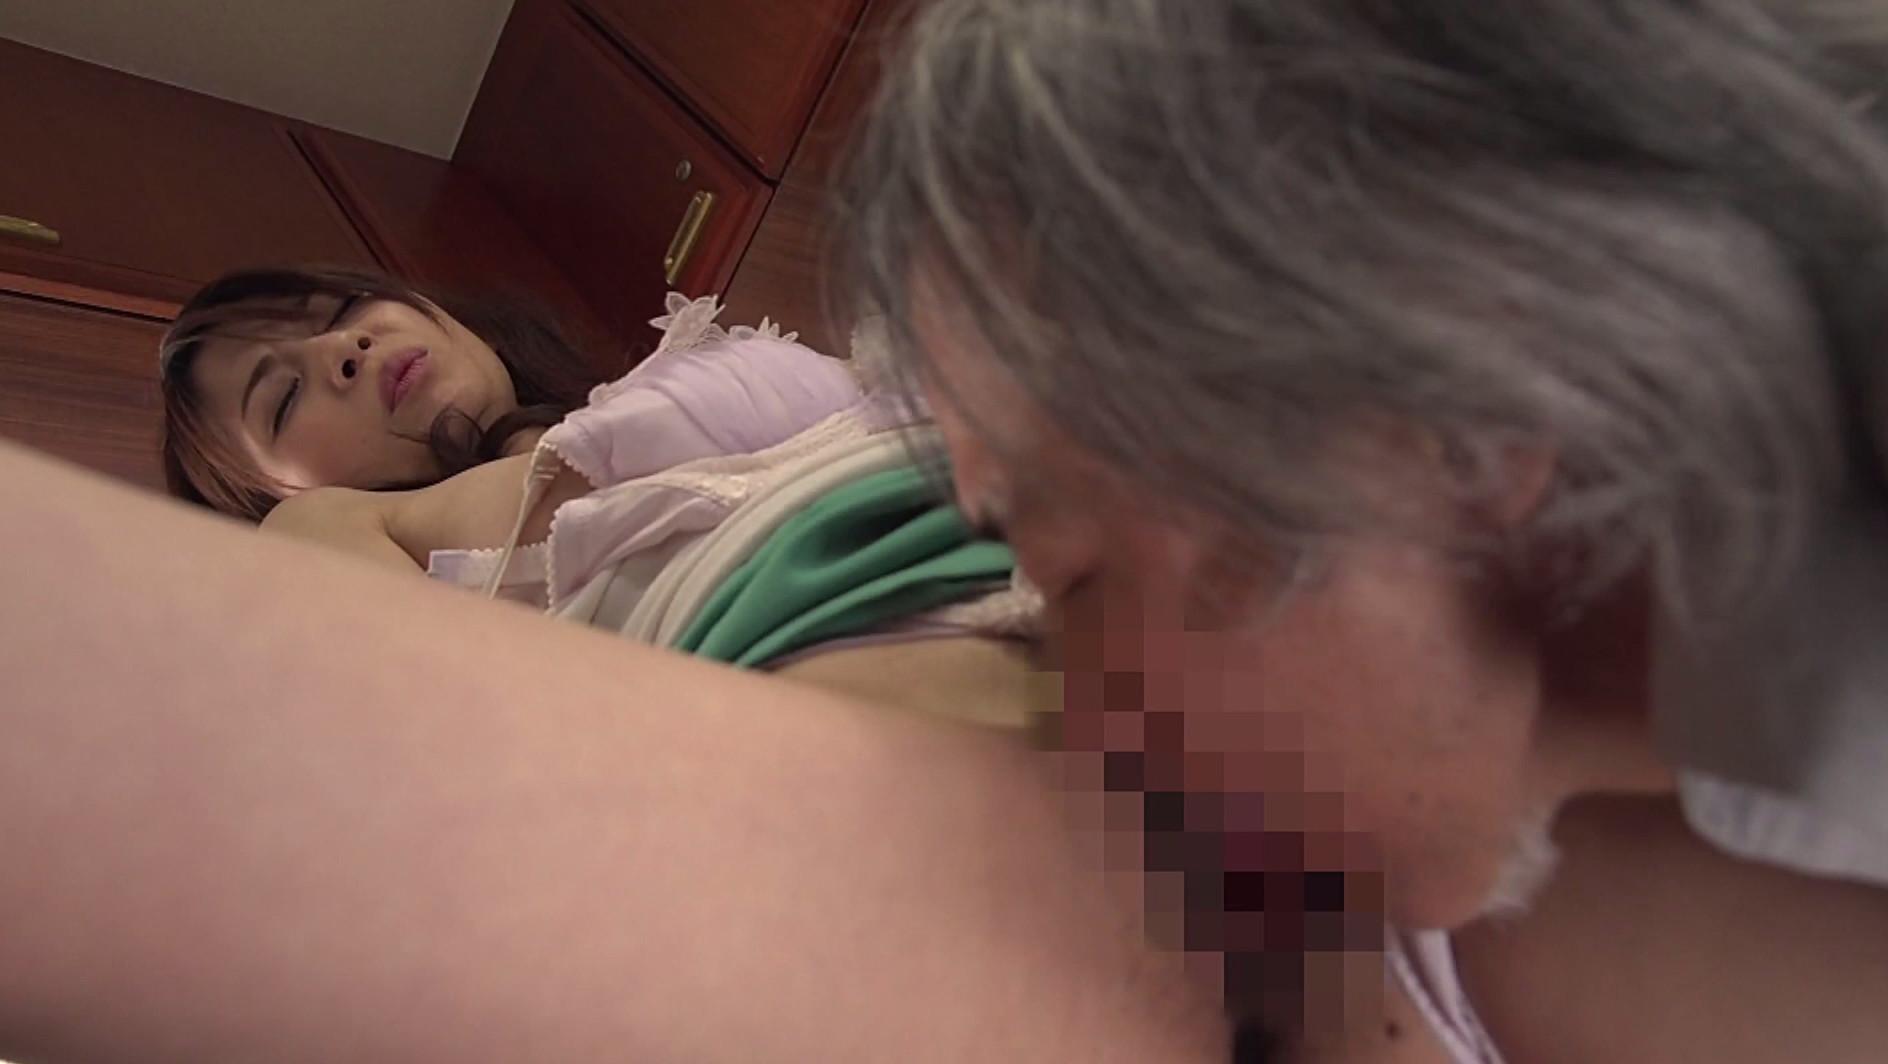 寝取られた俺の妻 三角関係の虜に 中森いつき 39歳,のサンプル画像8